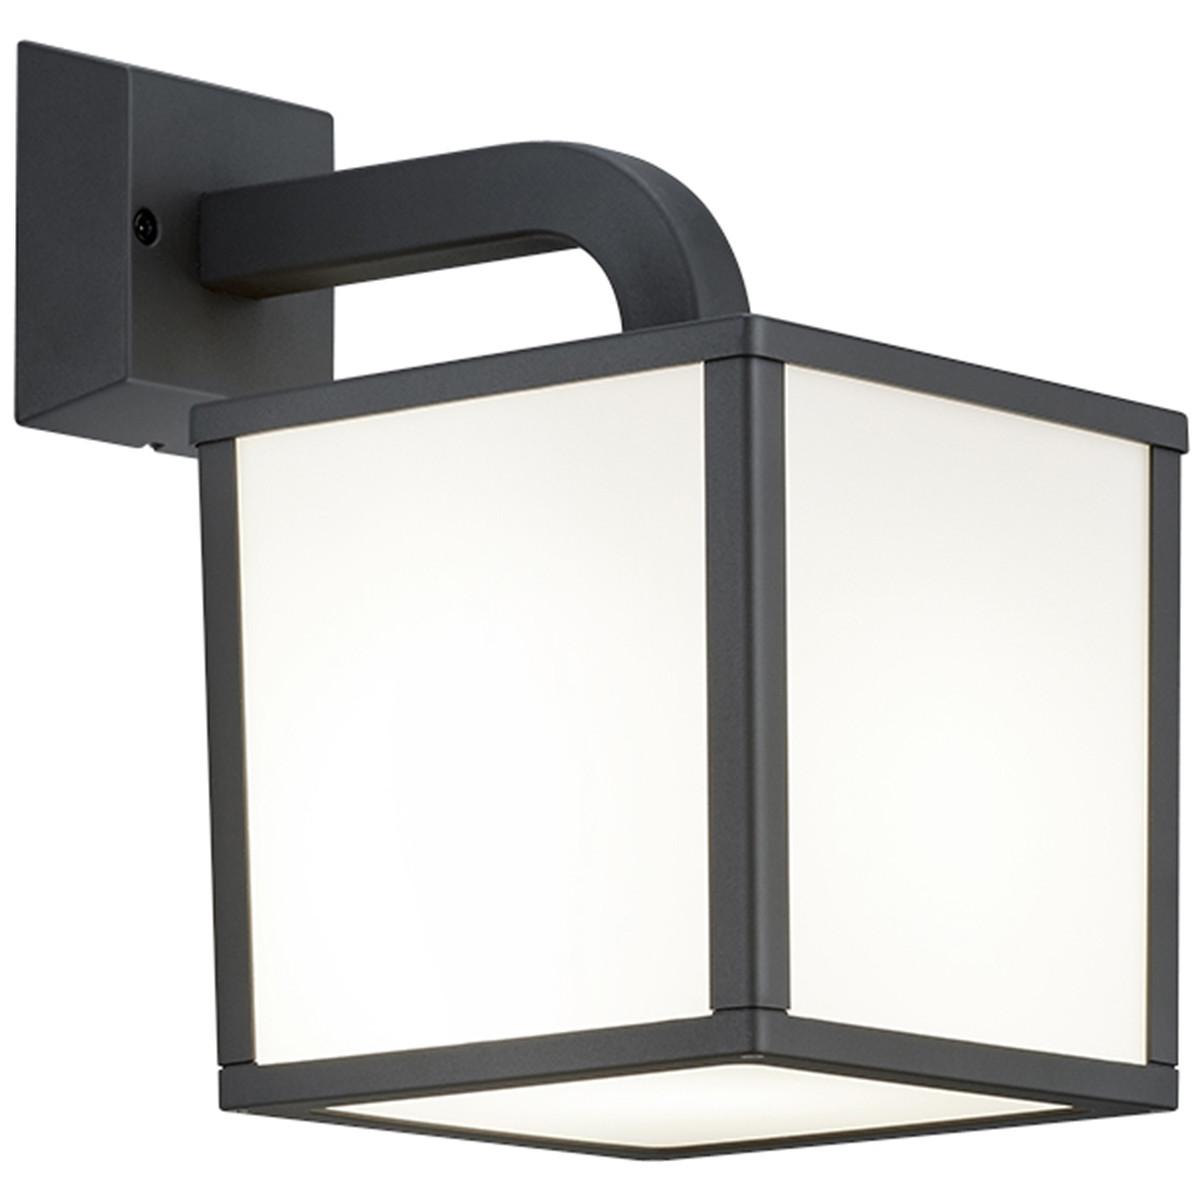 LED Tuinverlichting - Tuinlamp - Trion Cubirino - Wand - 5W - E27 Fitting - Mat Zwart - Aluminium